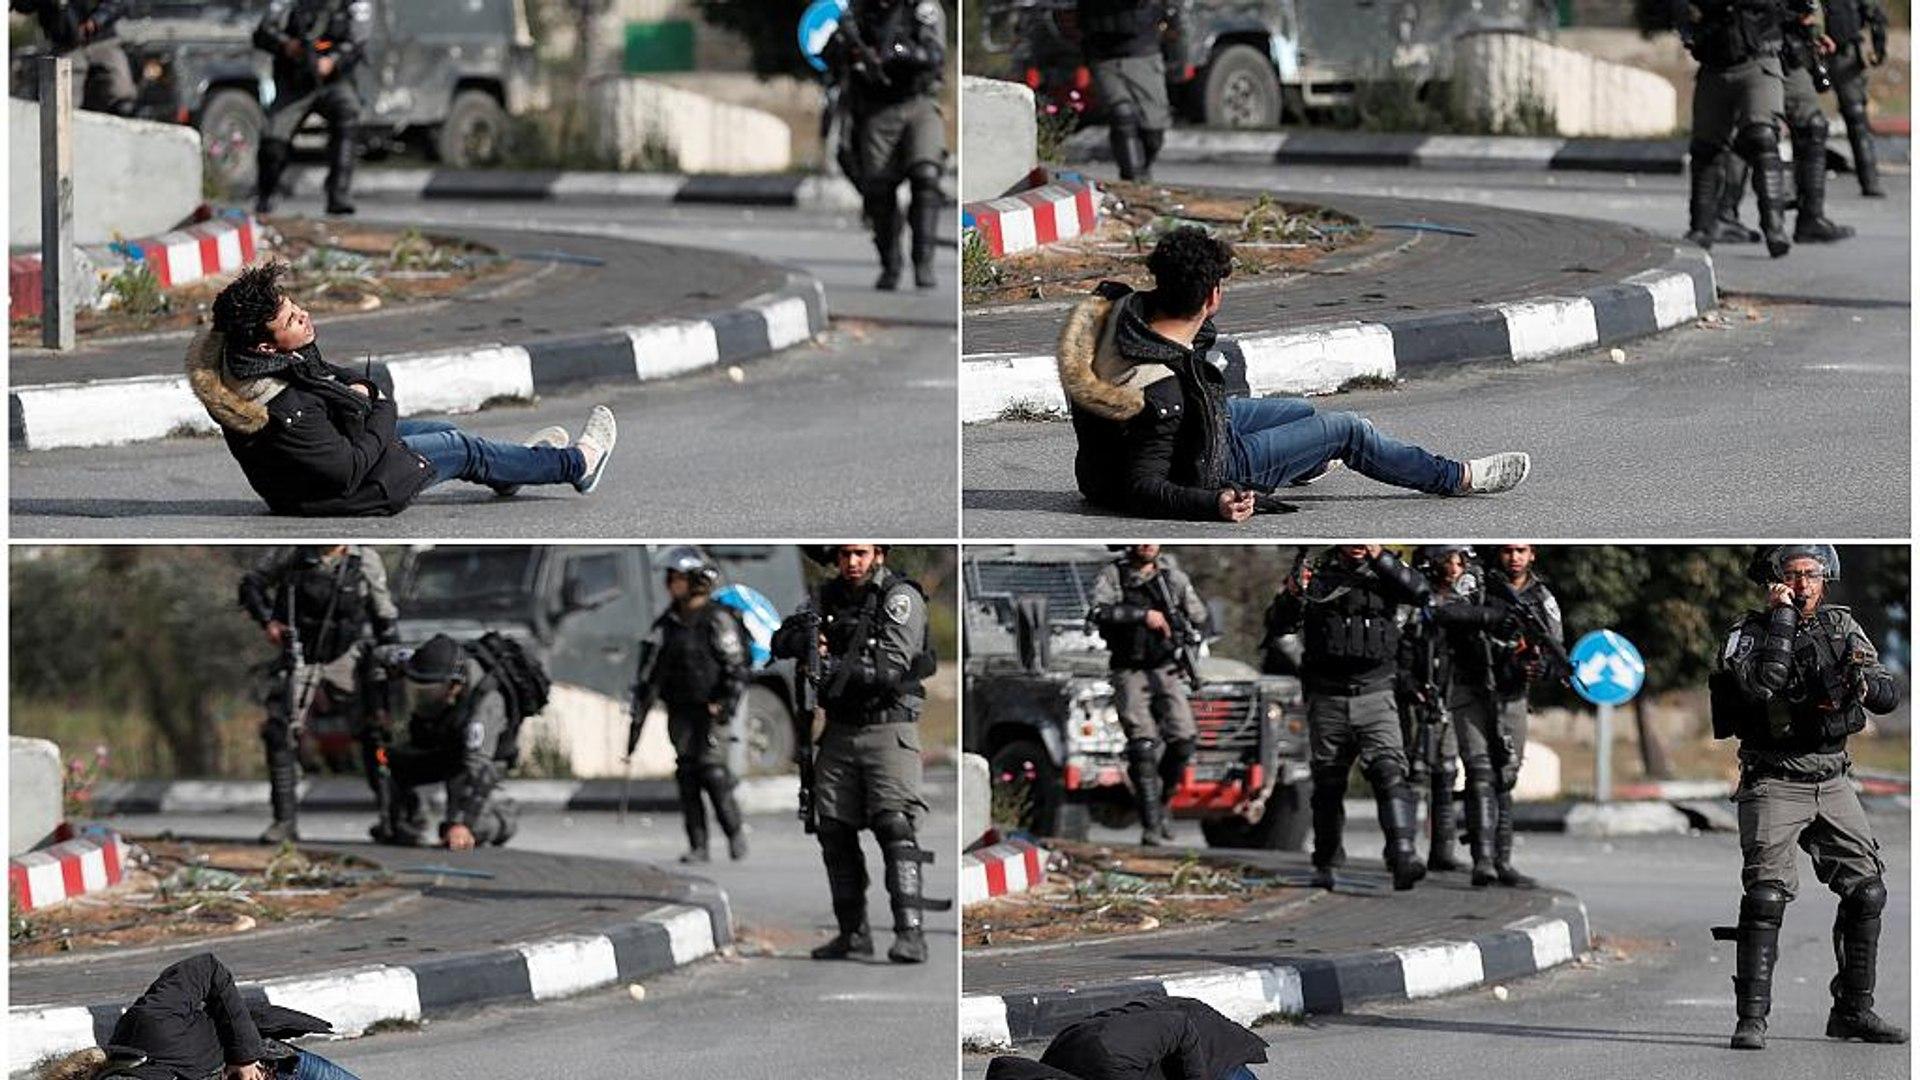 أربعة قتلى وثلاثمائة جريح في صفوف المتظاهرين الفلسطينيين في يوم الغضب